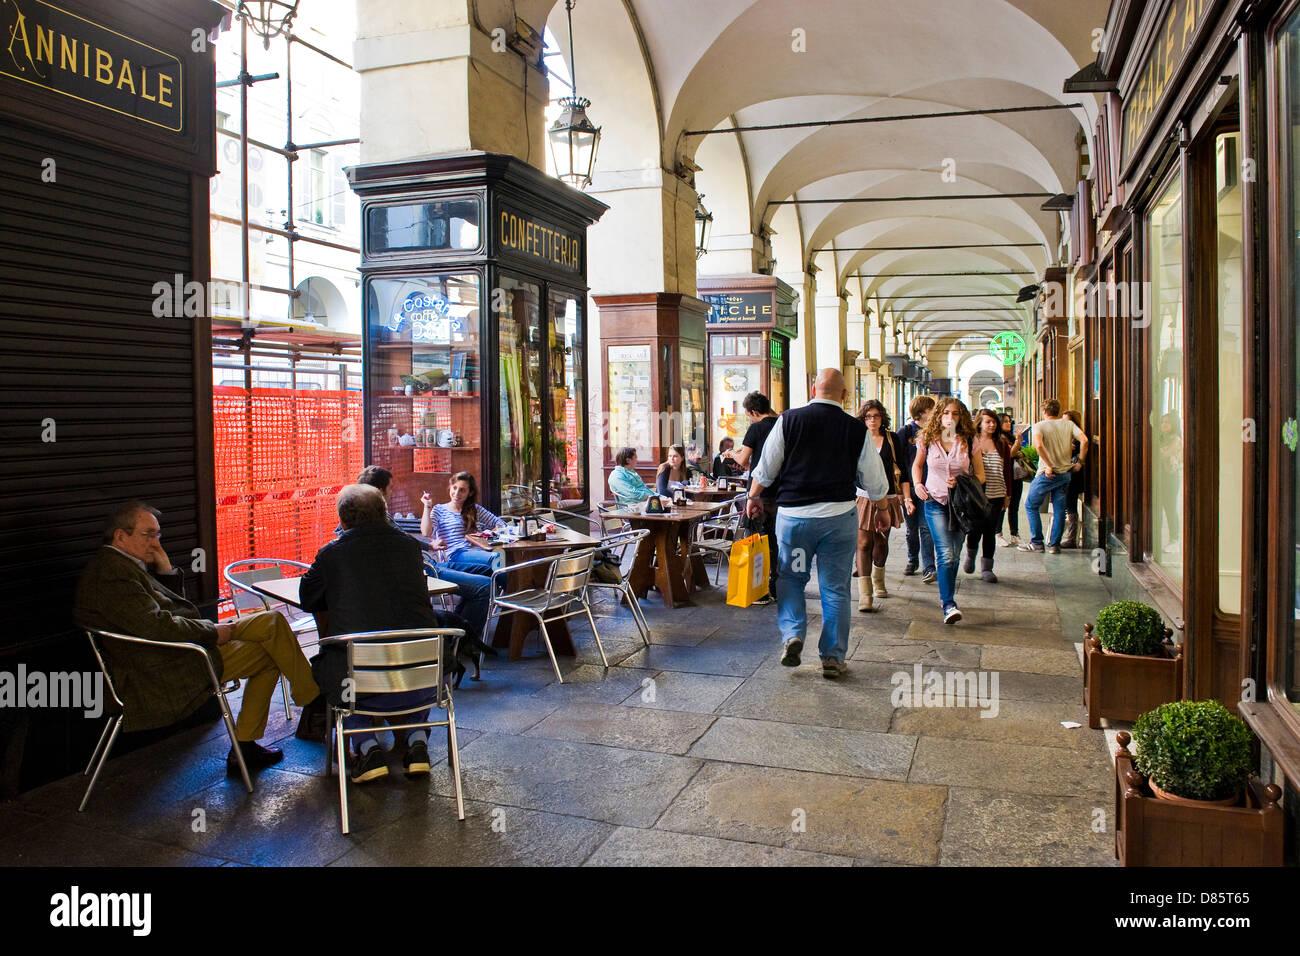 Italia Piemonte Torino la vita quotidiana Immagini Stock